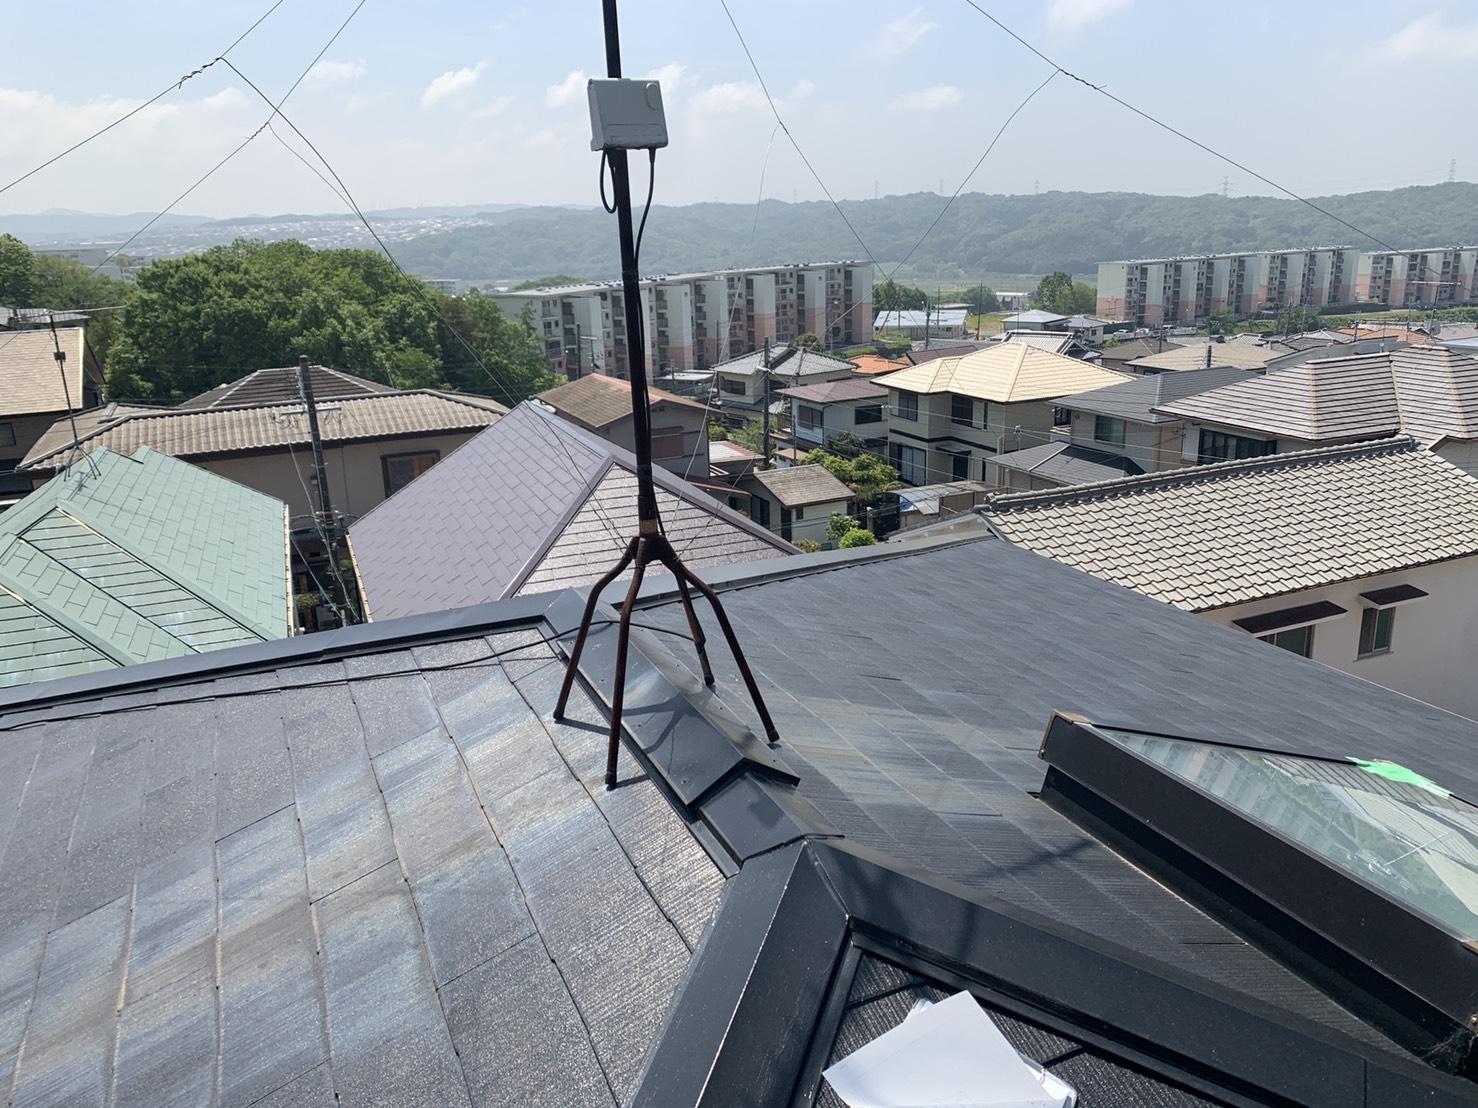 三木市で雨漏りの応急処置を行いました!天窓からの雨漏り対策とは